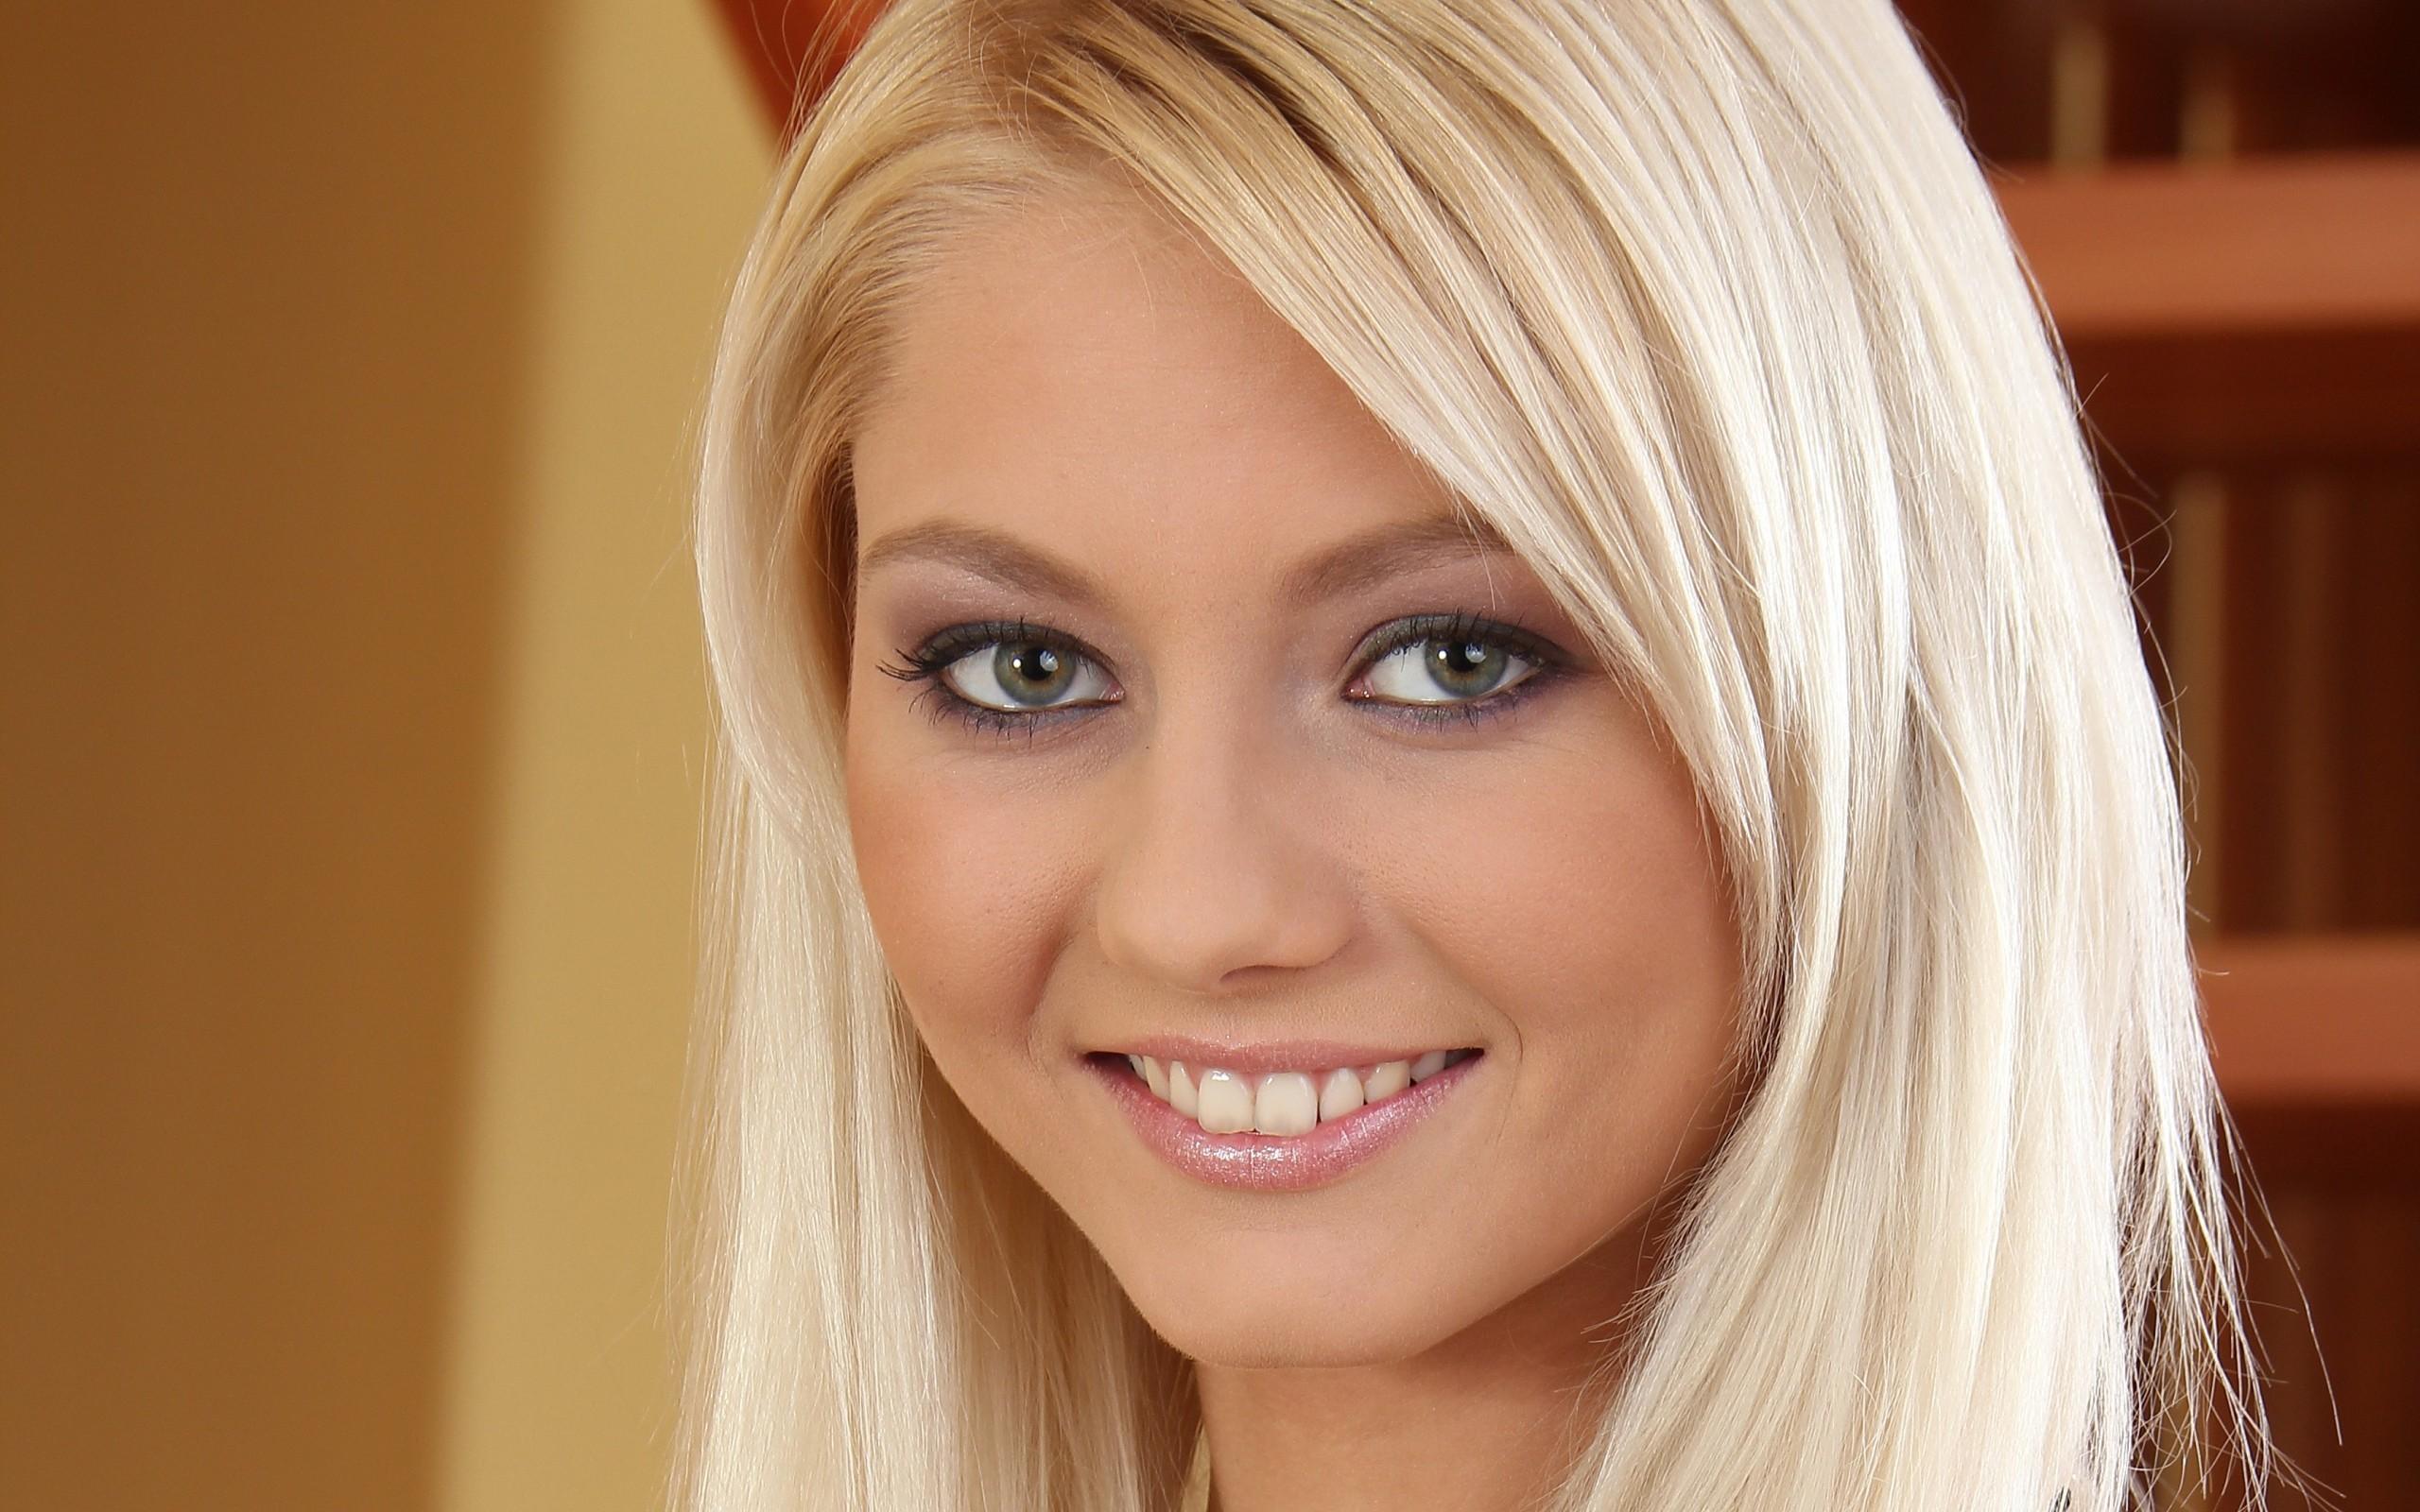 Хорошенькая блондинка показывает